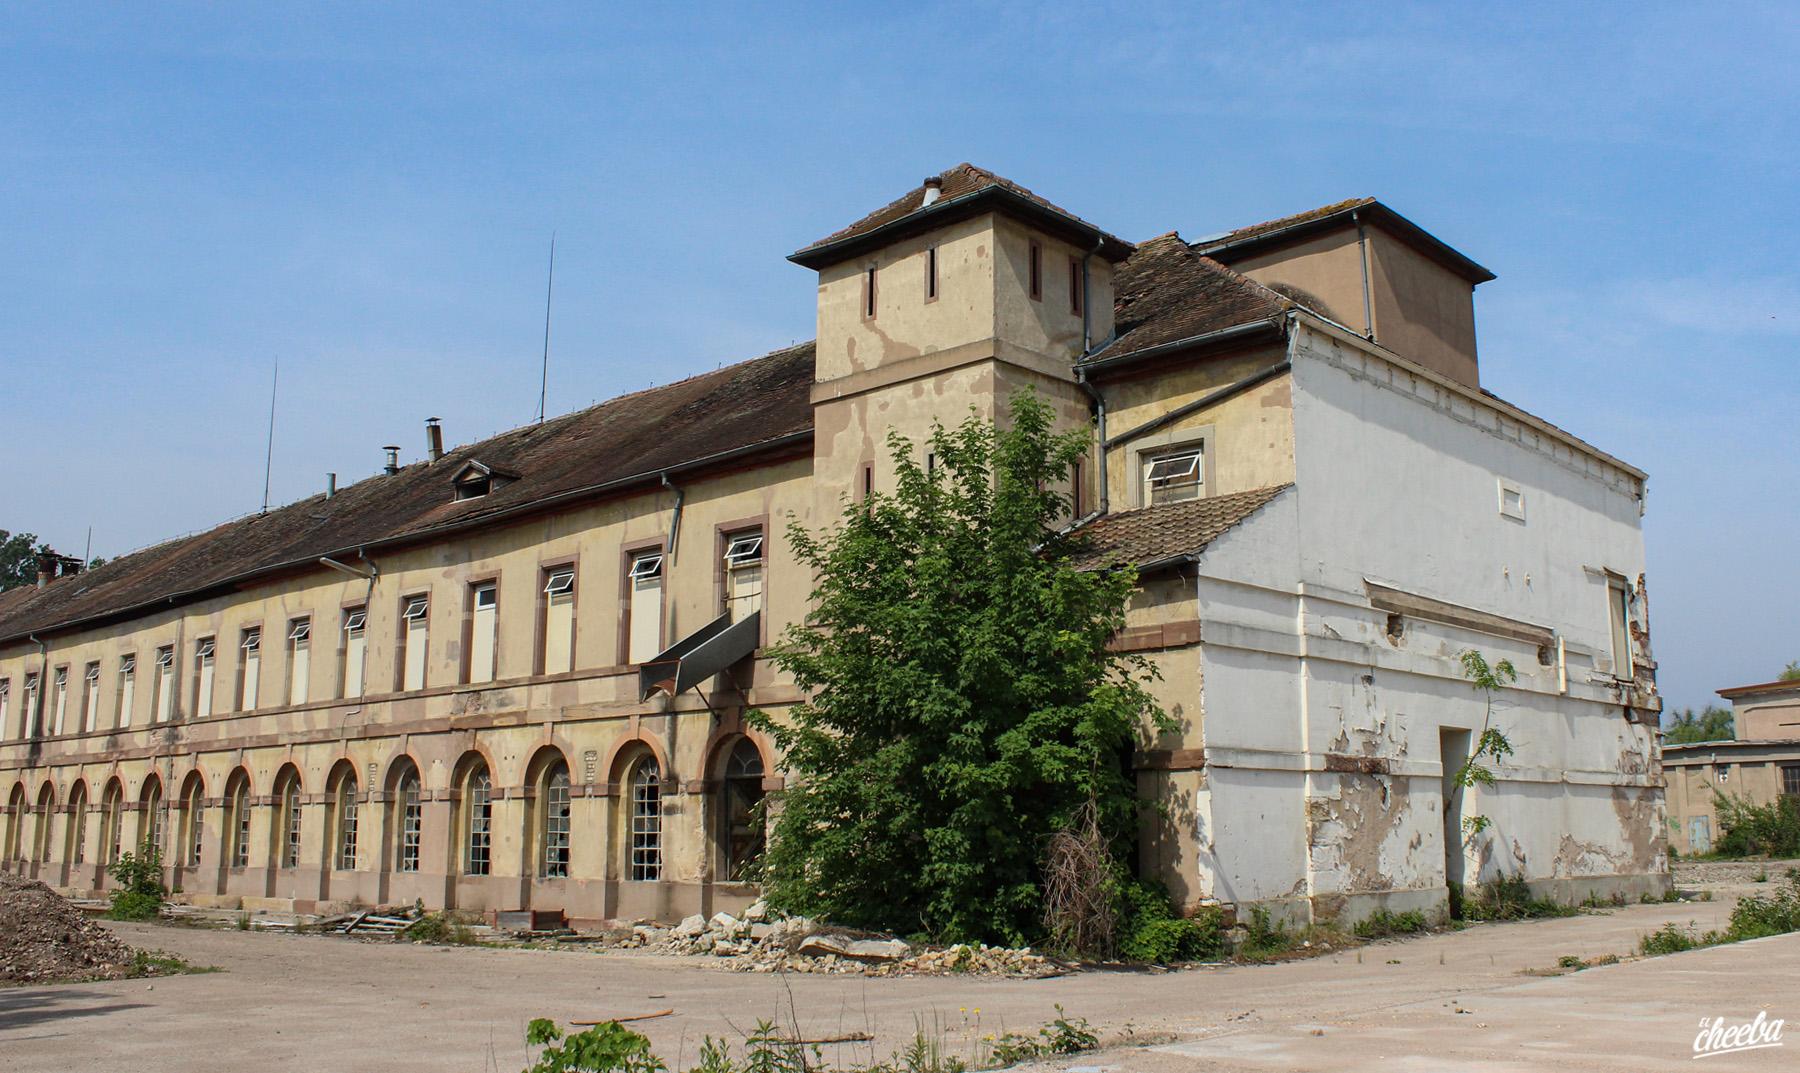 Urbex à l'ancienne filature de Huttenheim en Alsace - Urbex Alsace by El Cheeba